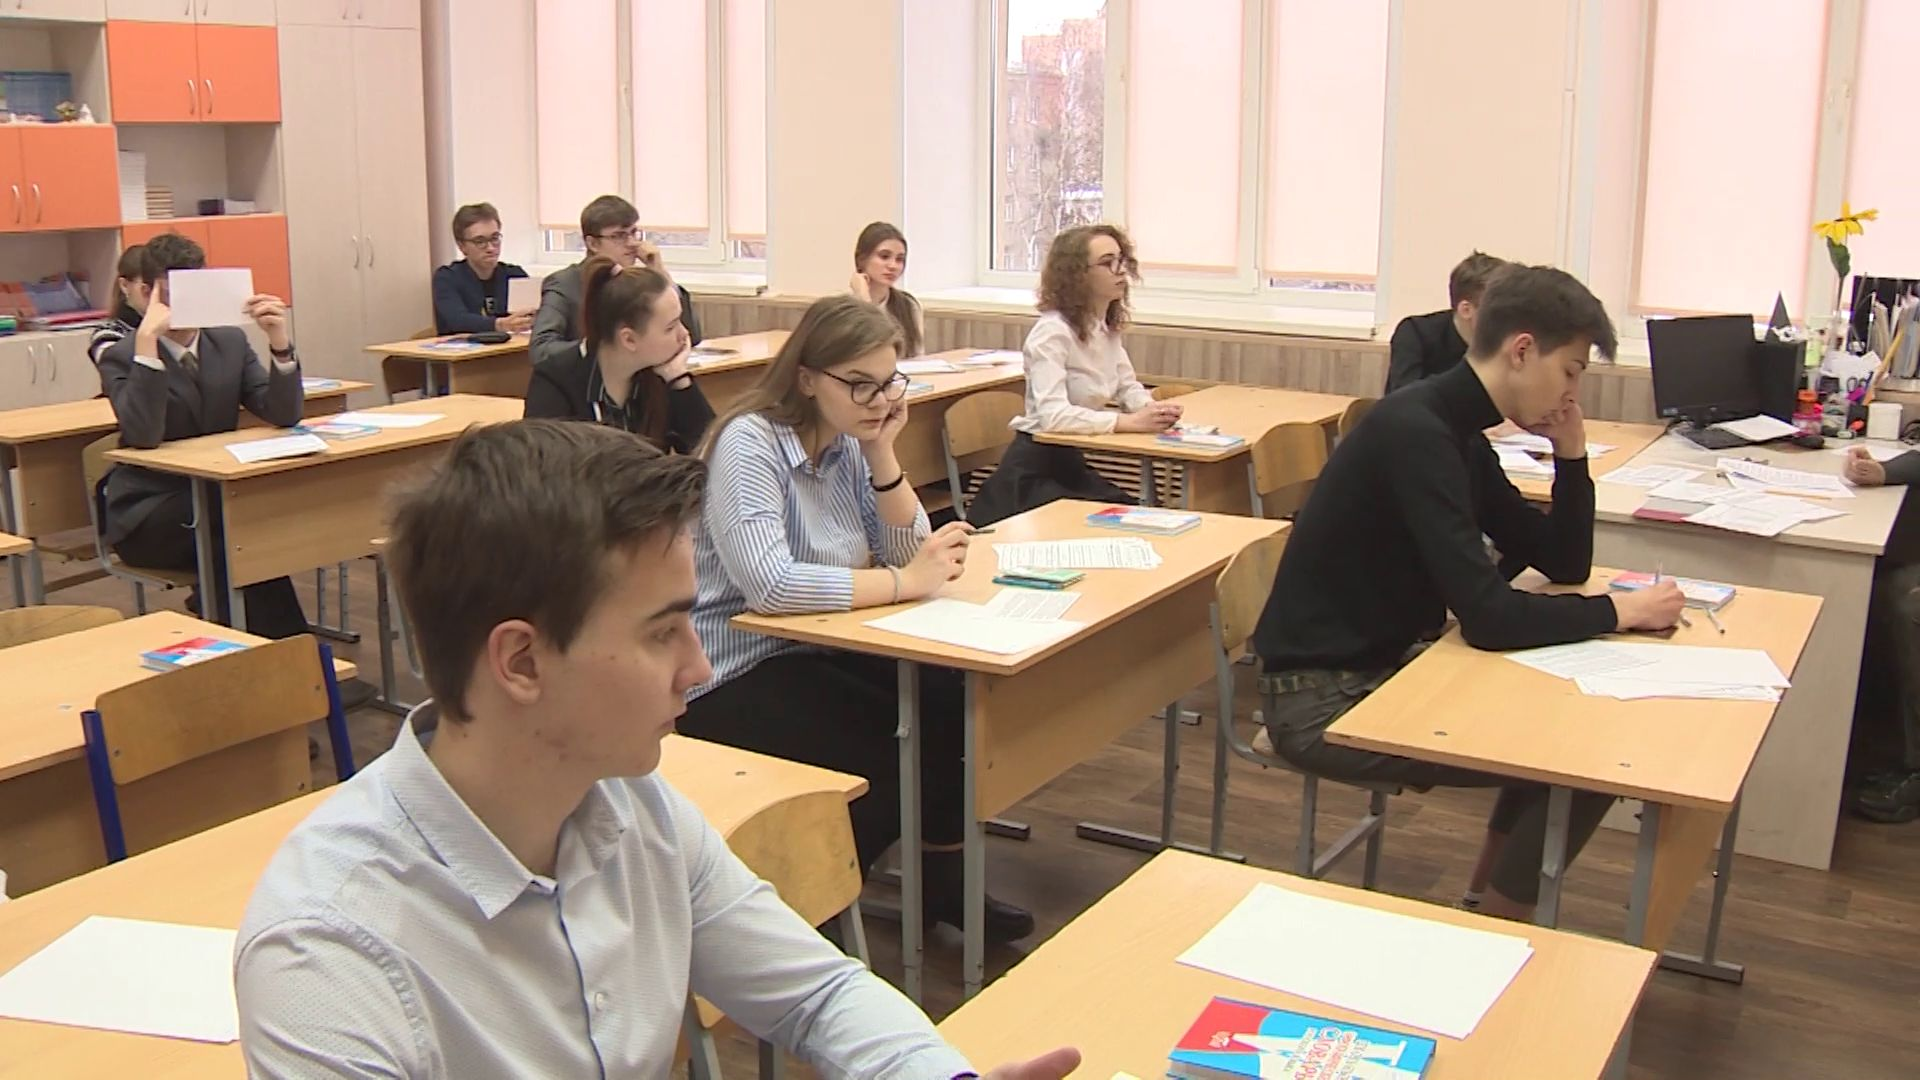 11-классники Ярославской области написали итоговое сочинение для допуска к ЕГЭ